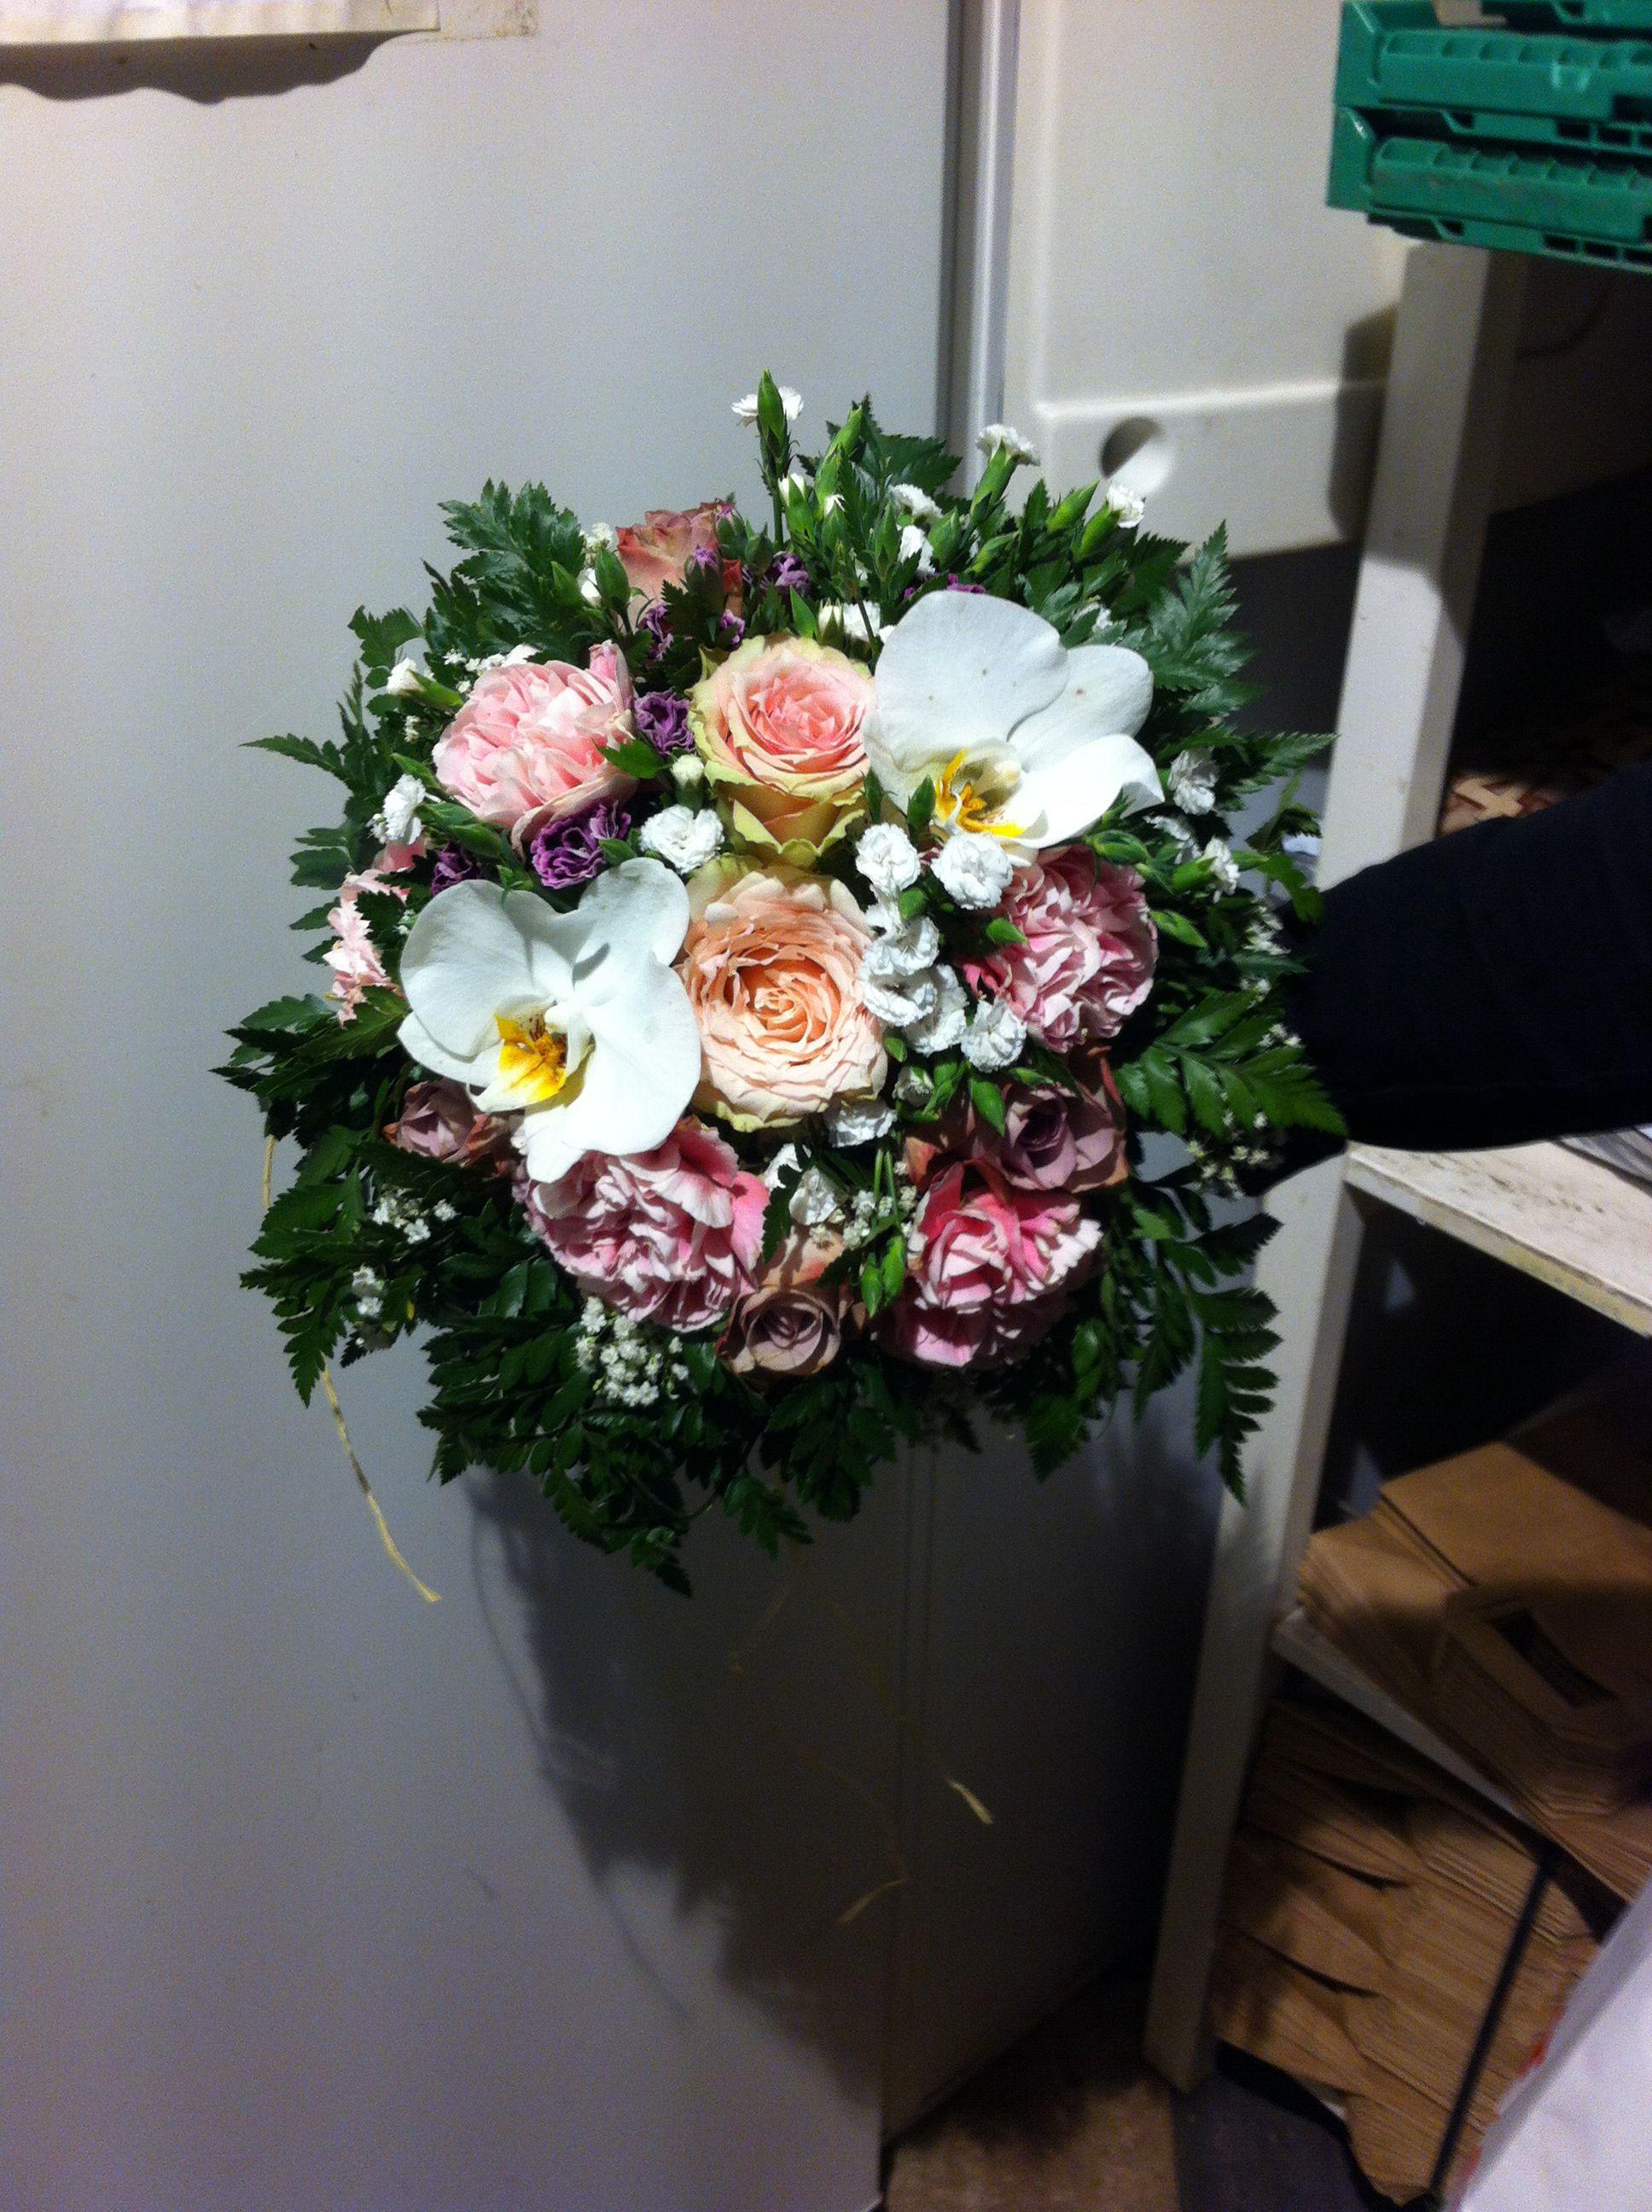 Siden den dagen jeg dro til blomsterbutikken etter skolen lagde alle sine brudebuketter, sa Kara (sjefen) at jeg også skulle lage min egen bukett. Jeg skulle bestemme hva som er pent og hva som skulle være med i buketten. Jeg fikk altså lov til å velge mellom alle blomstene som var i butikken!<3